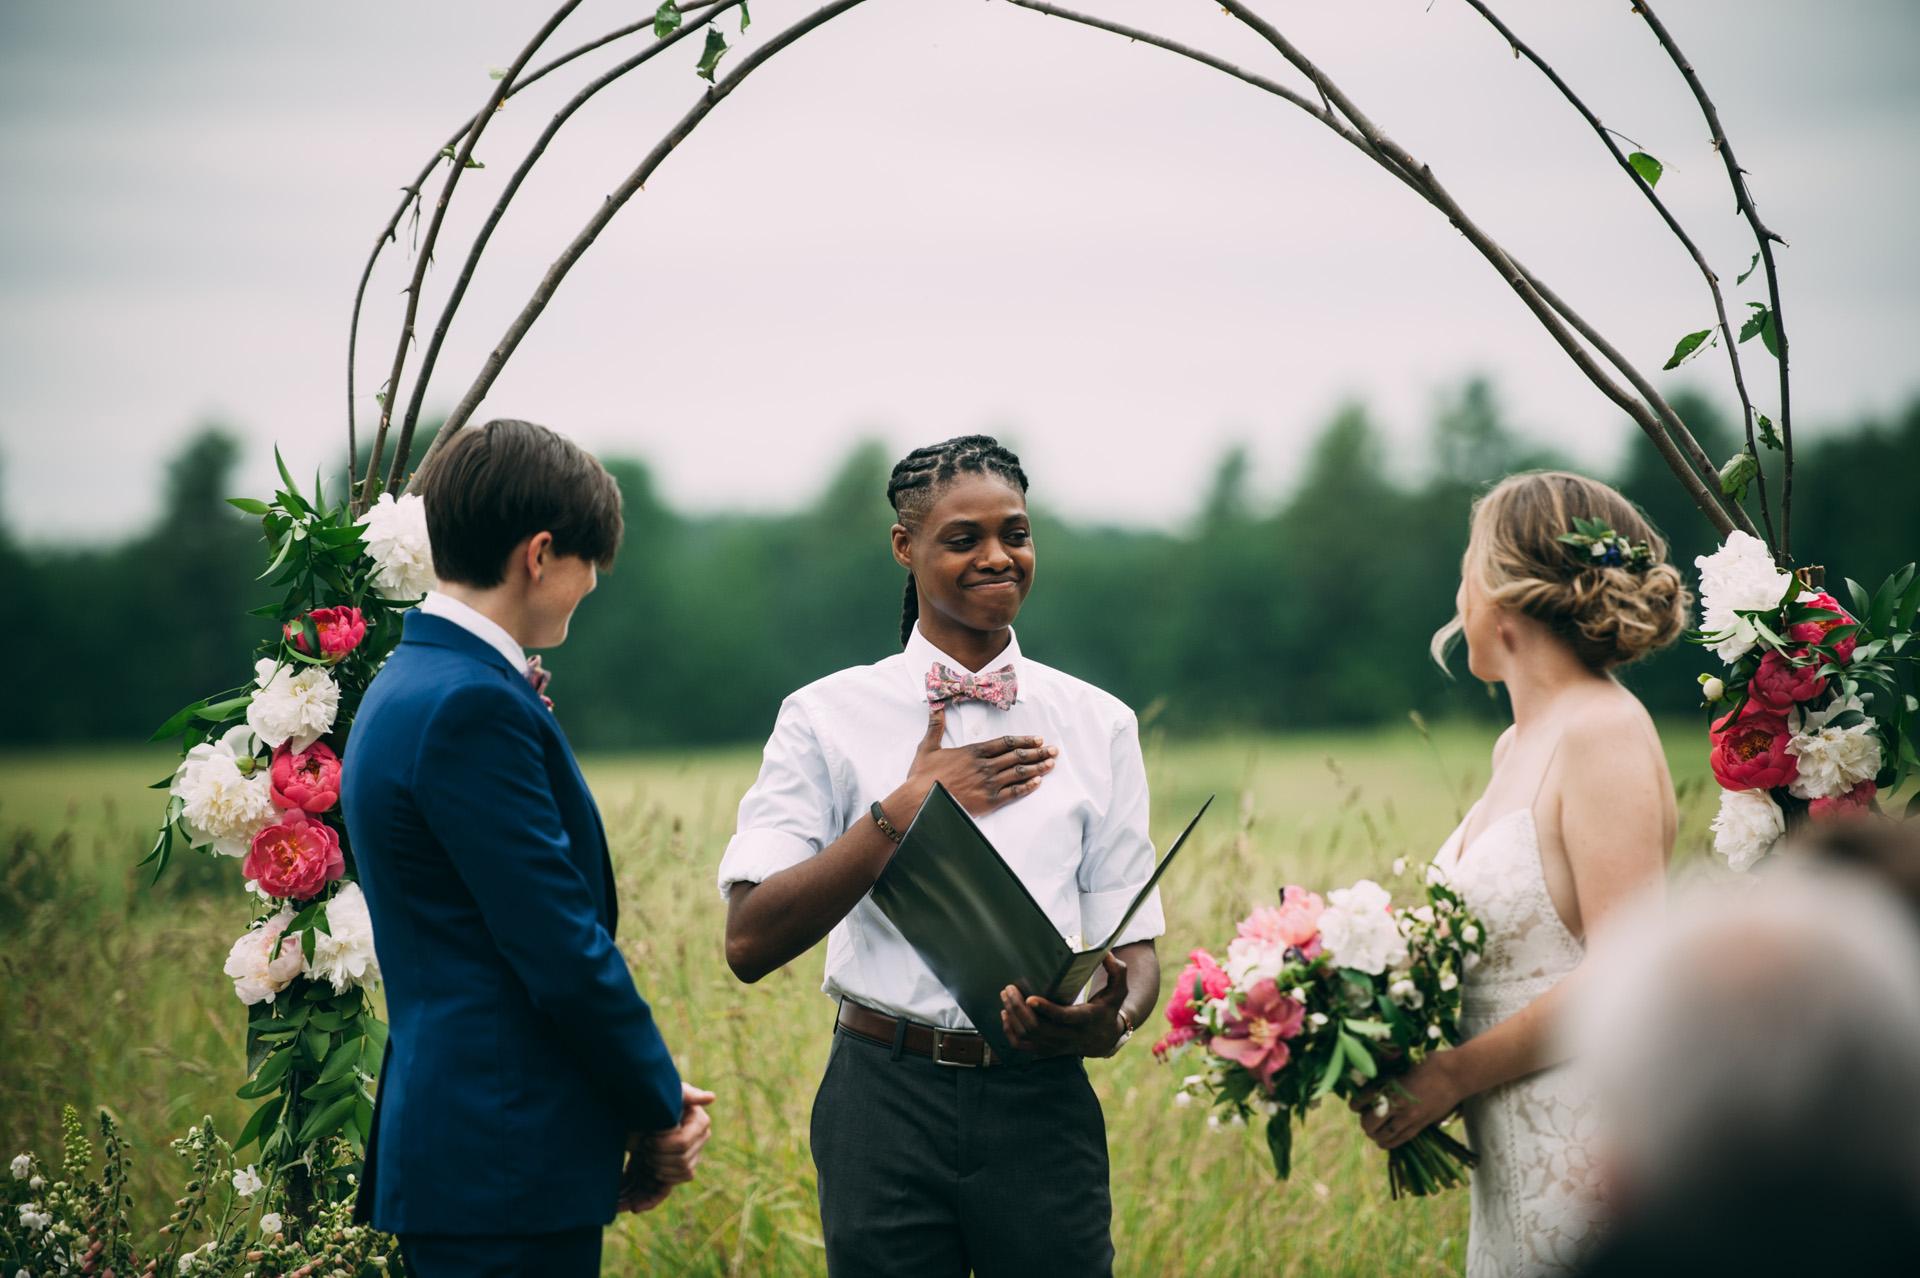 broadturn-farm-wedding-39